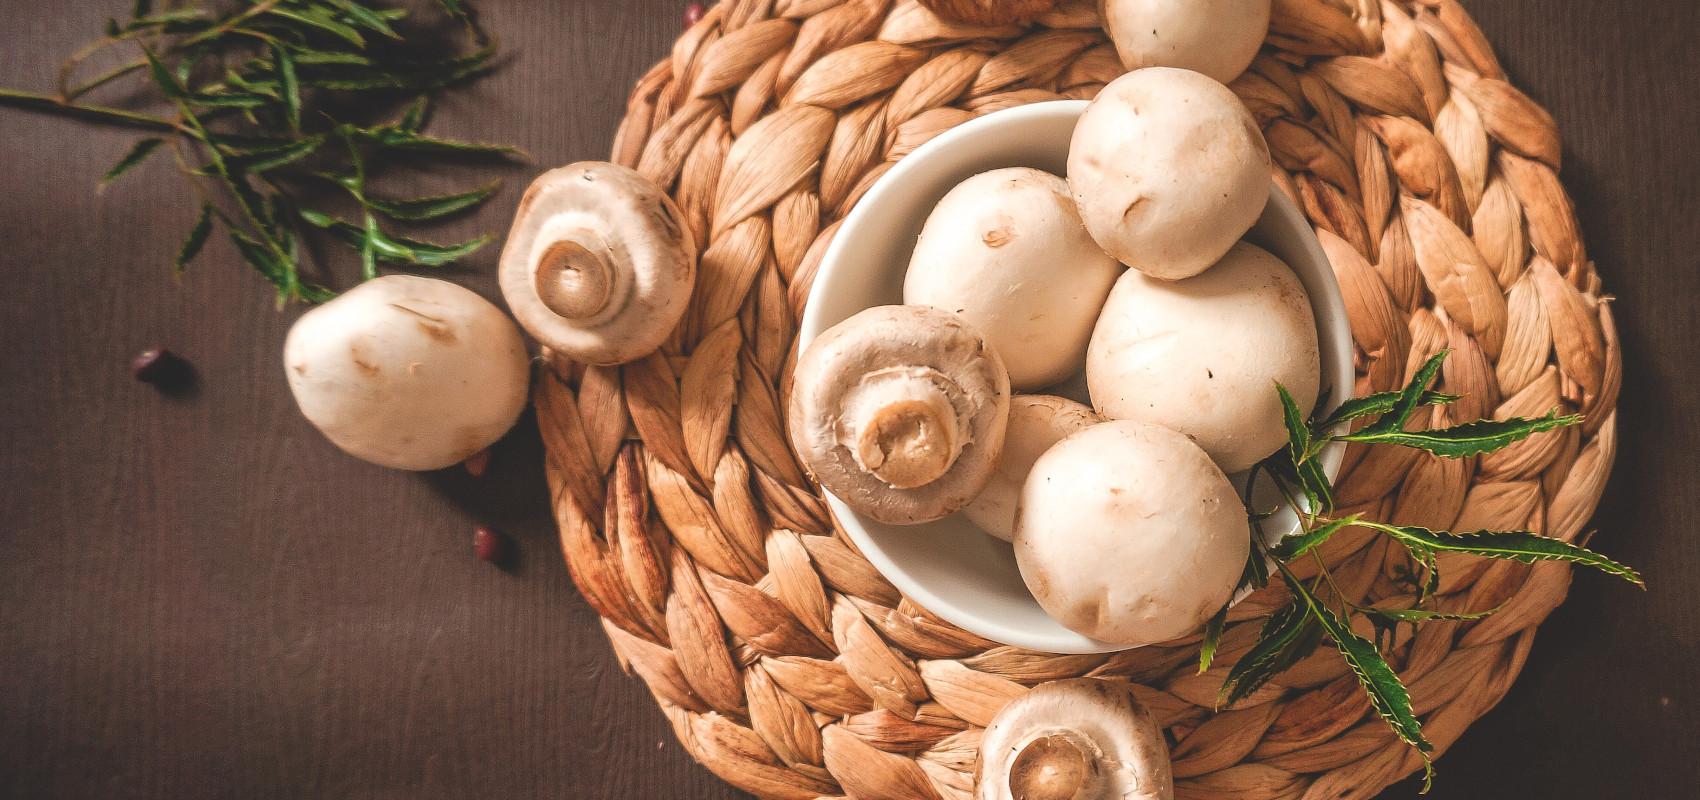 Jakie grzyby można uprawiać cały rok?